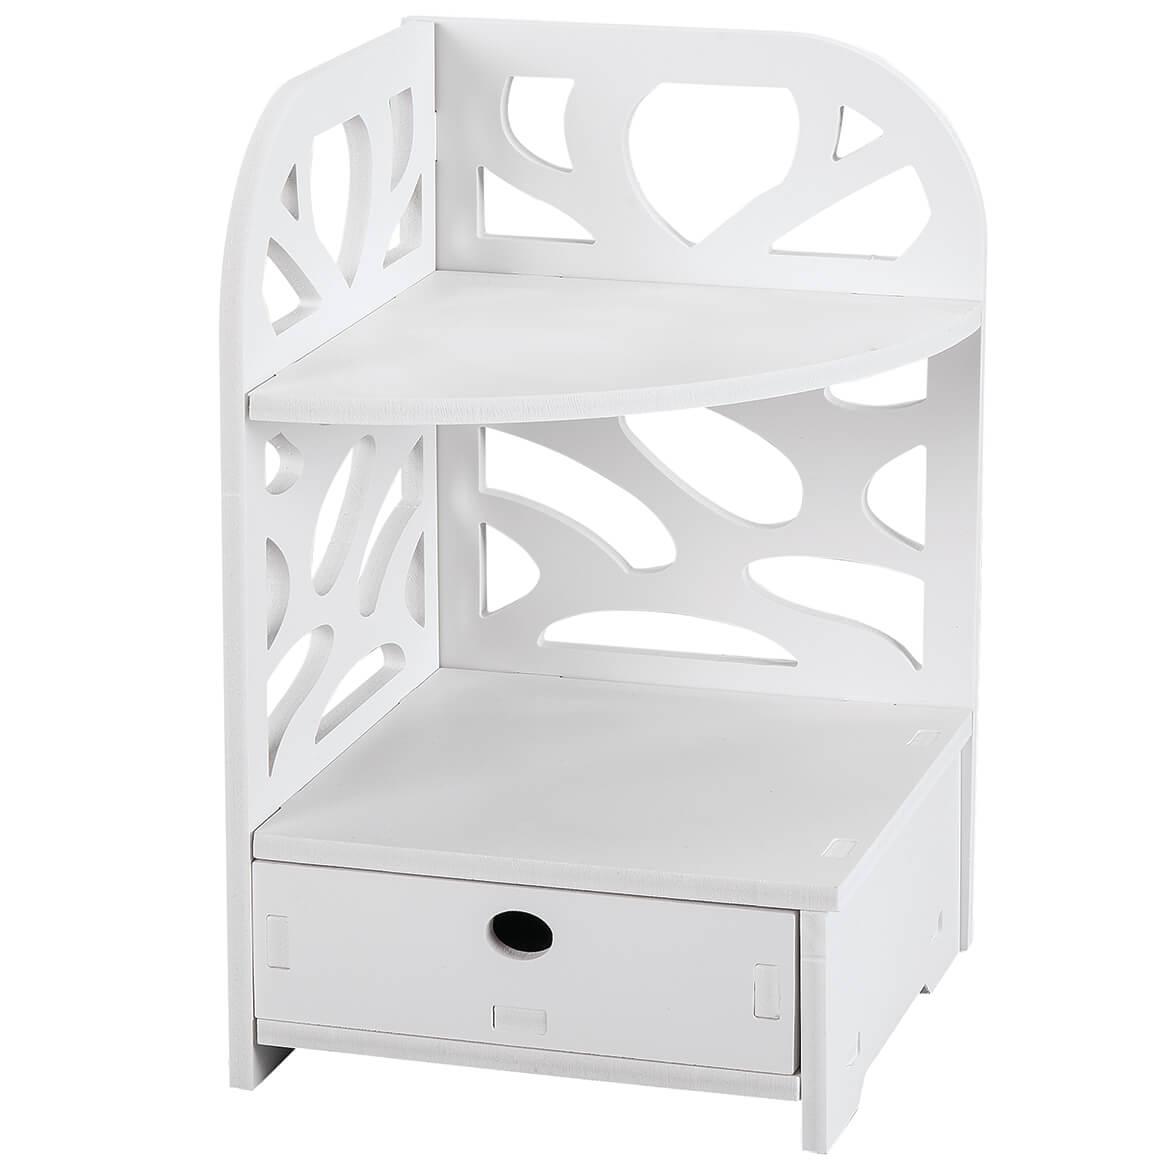 Corner Countertop Vanity Organizer White-368686